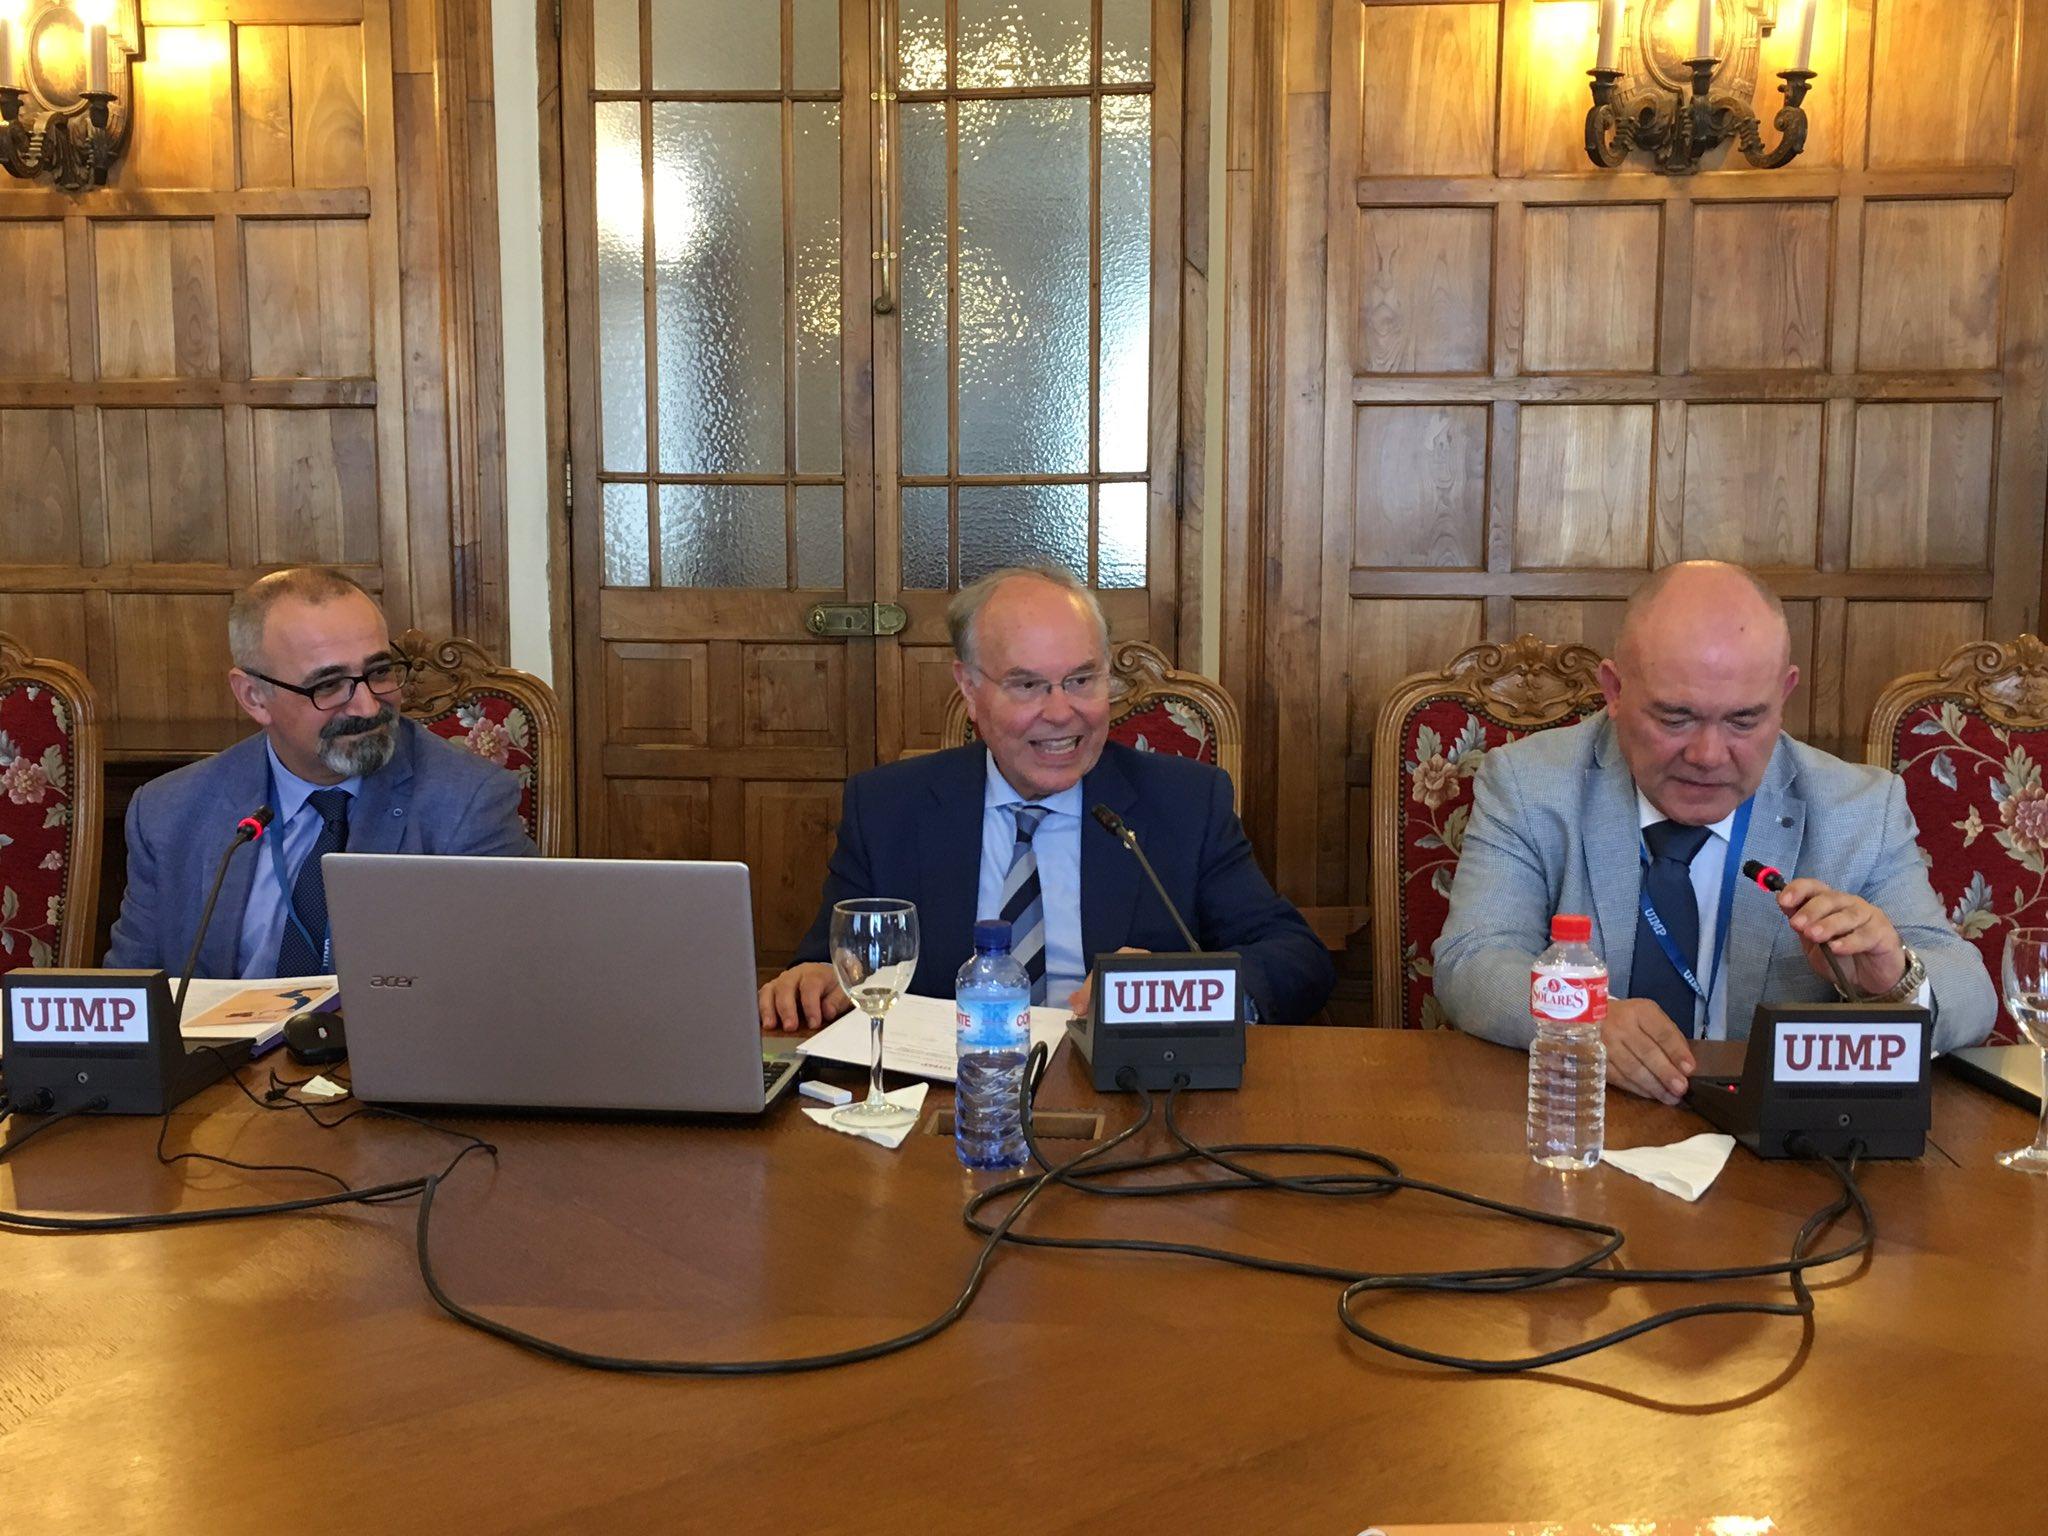 Rector @UIMP @cncano y @Uhandrea @microBIOblog realizan clausura de #UIMPDivulgaCiencia. Excelente evento en el Palacio de la Magdalena https://t.co/Eq2Fn50Amz